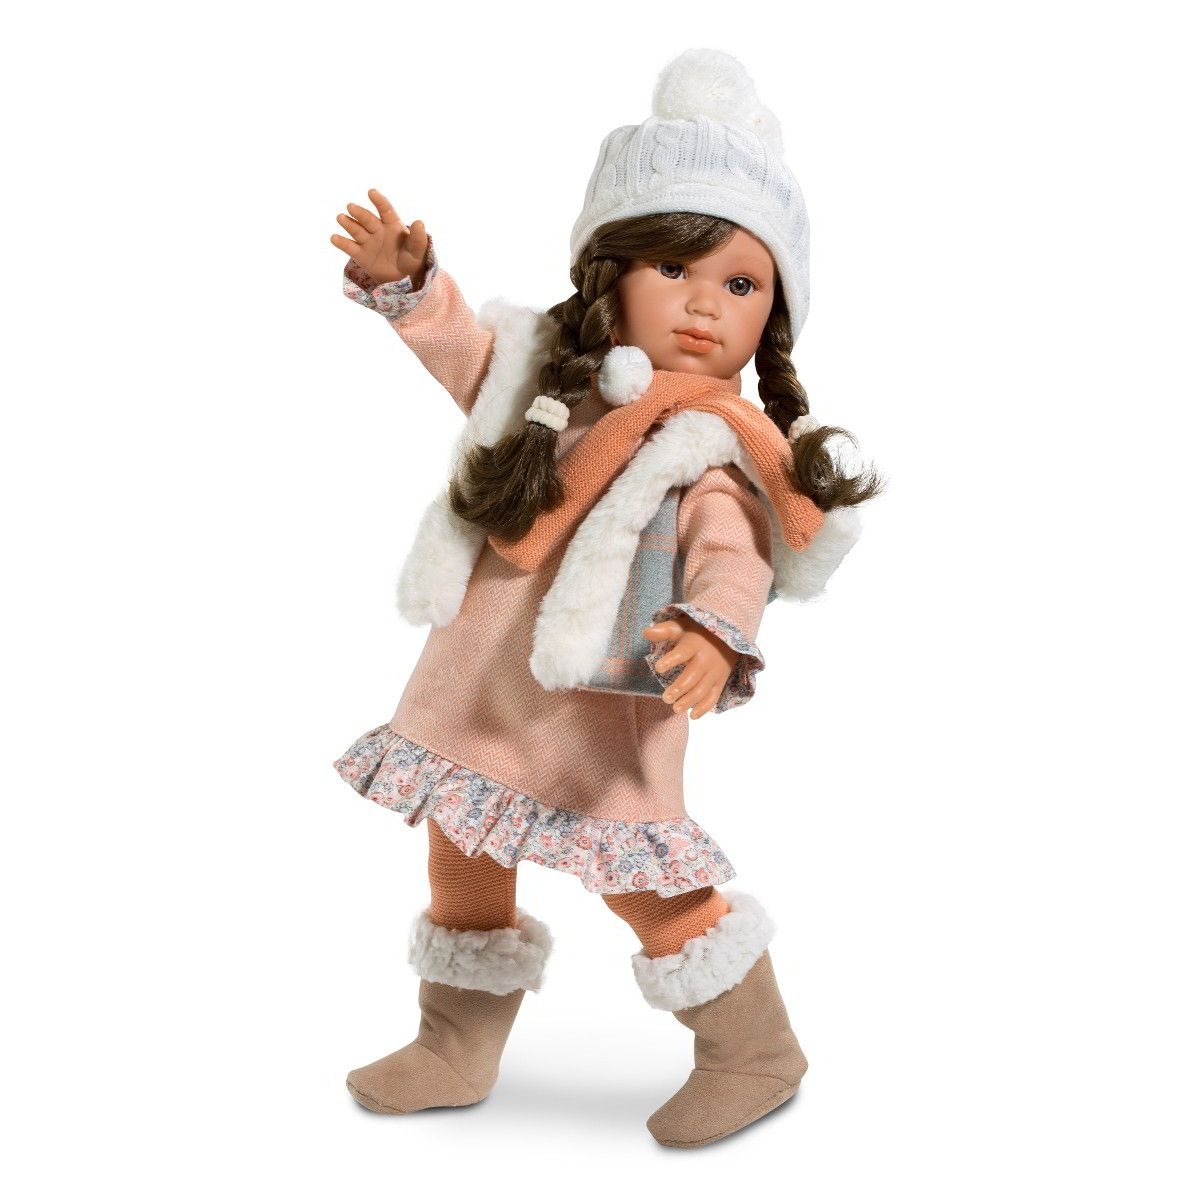 Купить Кукла Ангелина, 42 см, Llorens Juan